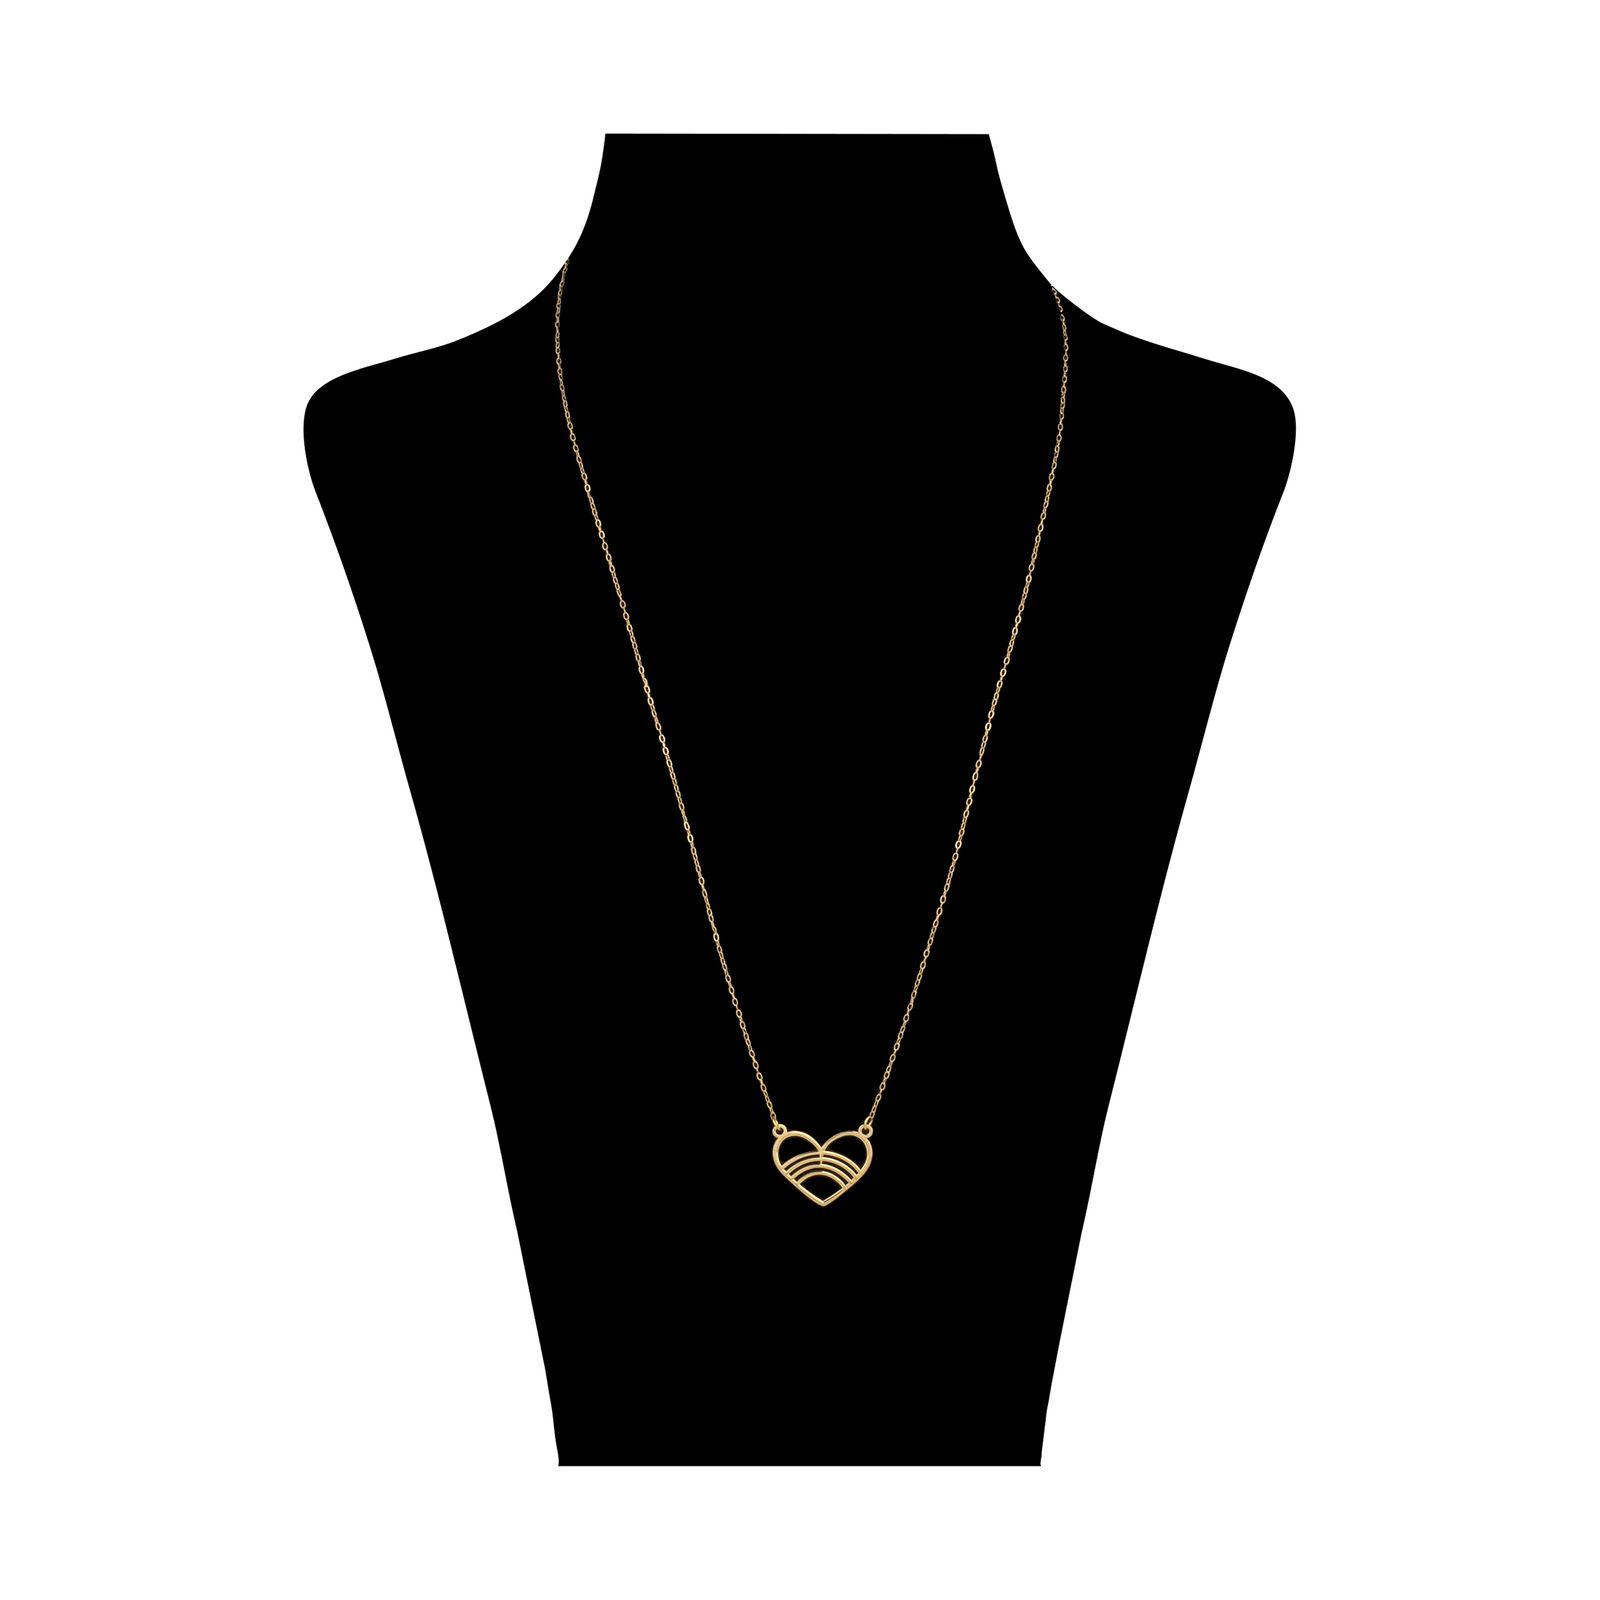 گردنبند طلا 18 عیار زنانه میو گلد مدل GD616 -  - 2